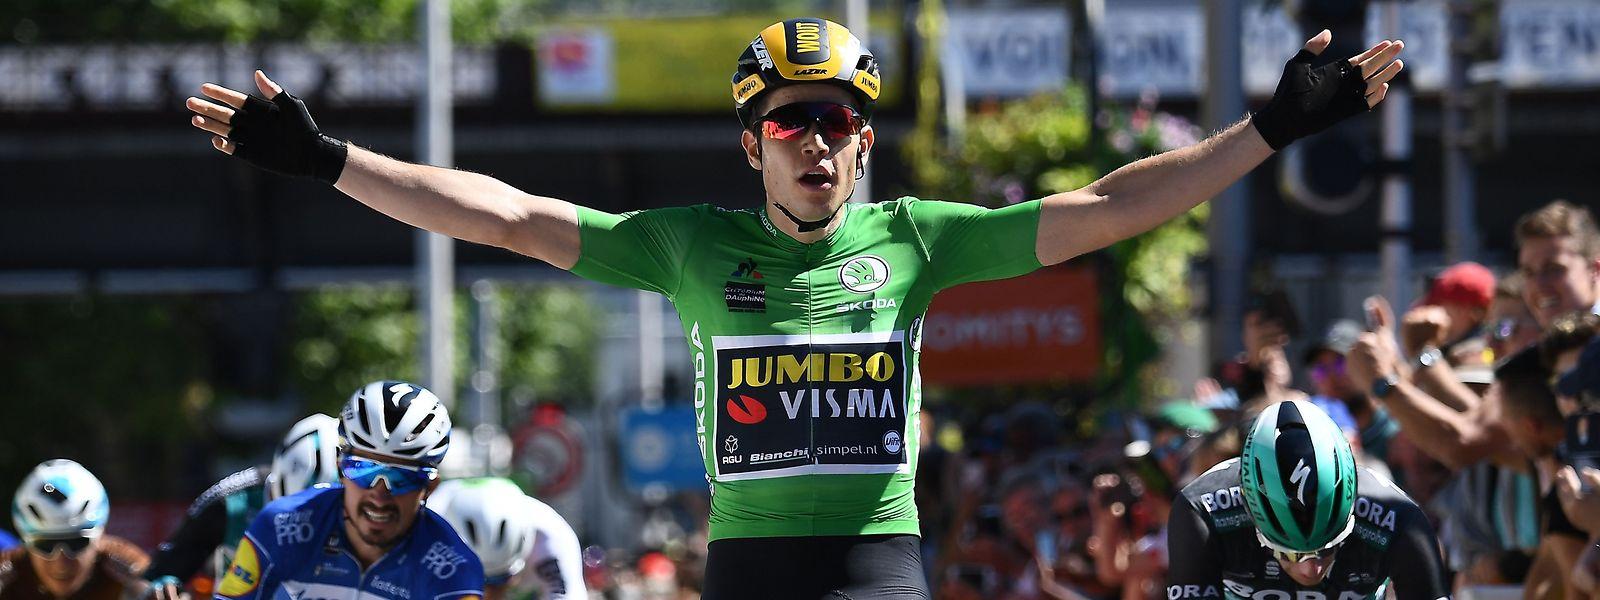 Wout van Aert a surpris le sprinter irlandais Sam Bennett pour s'offrir une seconde victoire de rang sur ce Dauphiné.